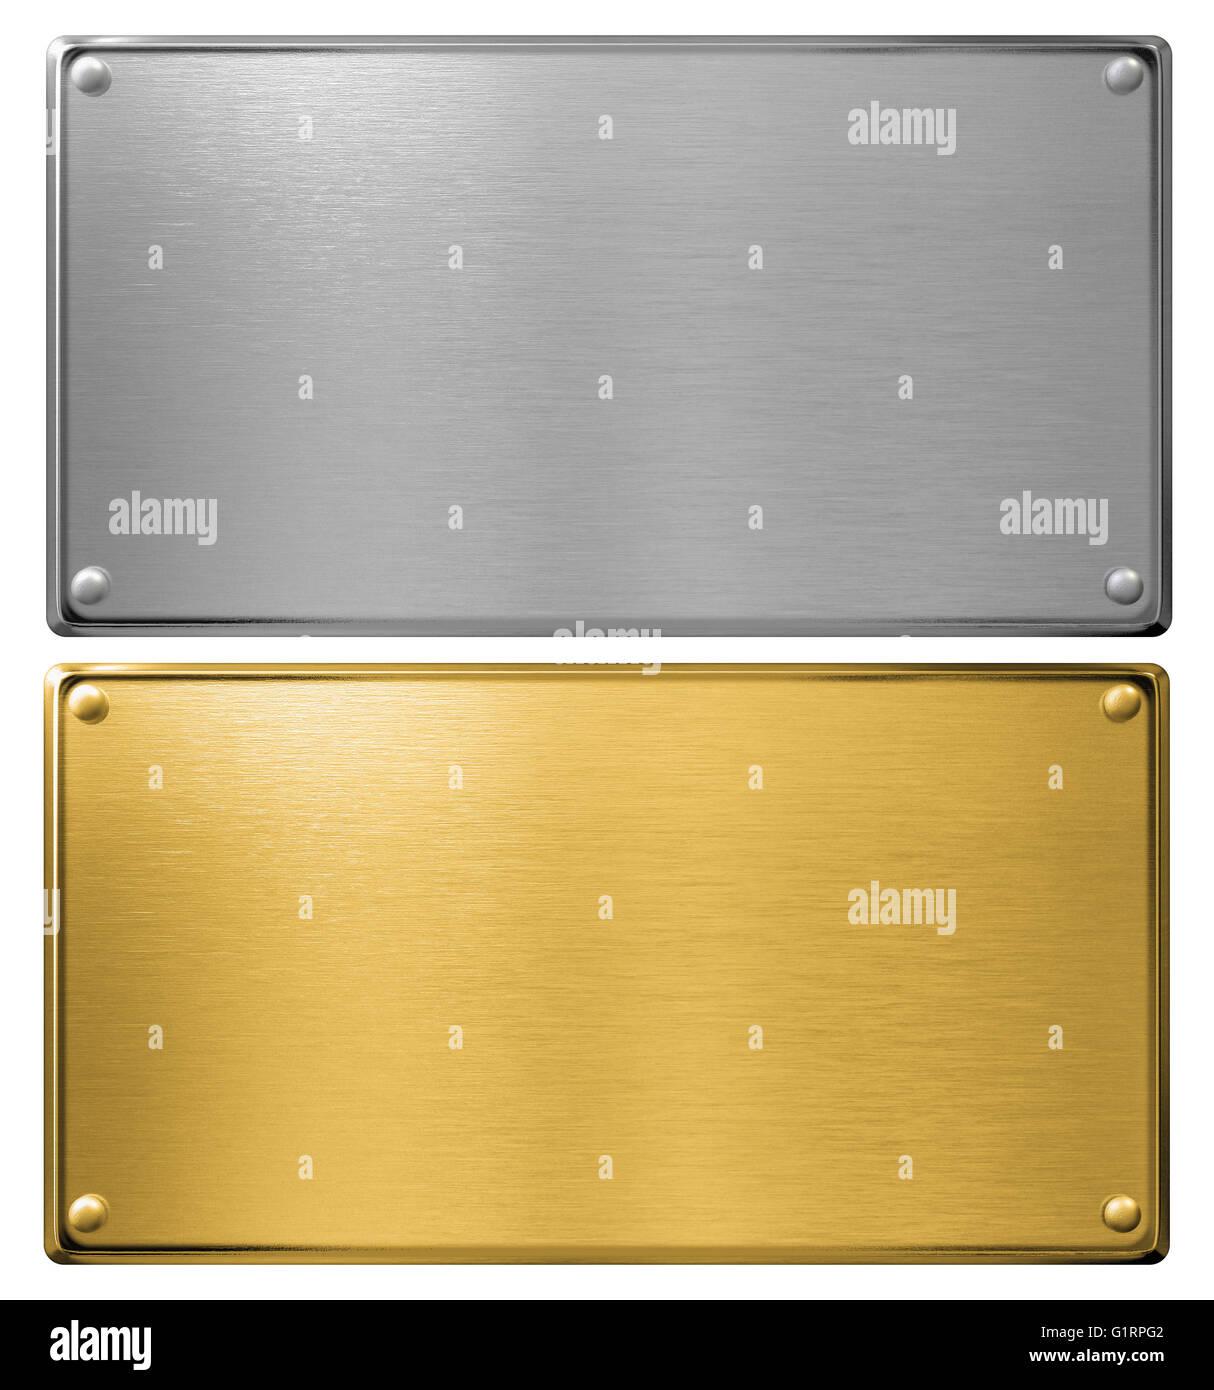 Decorative Metal Plates Stock Photos & Decorative Metal Plates Stock ...